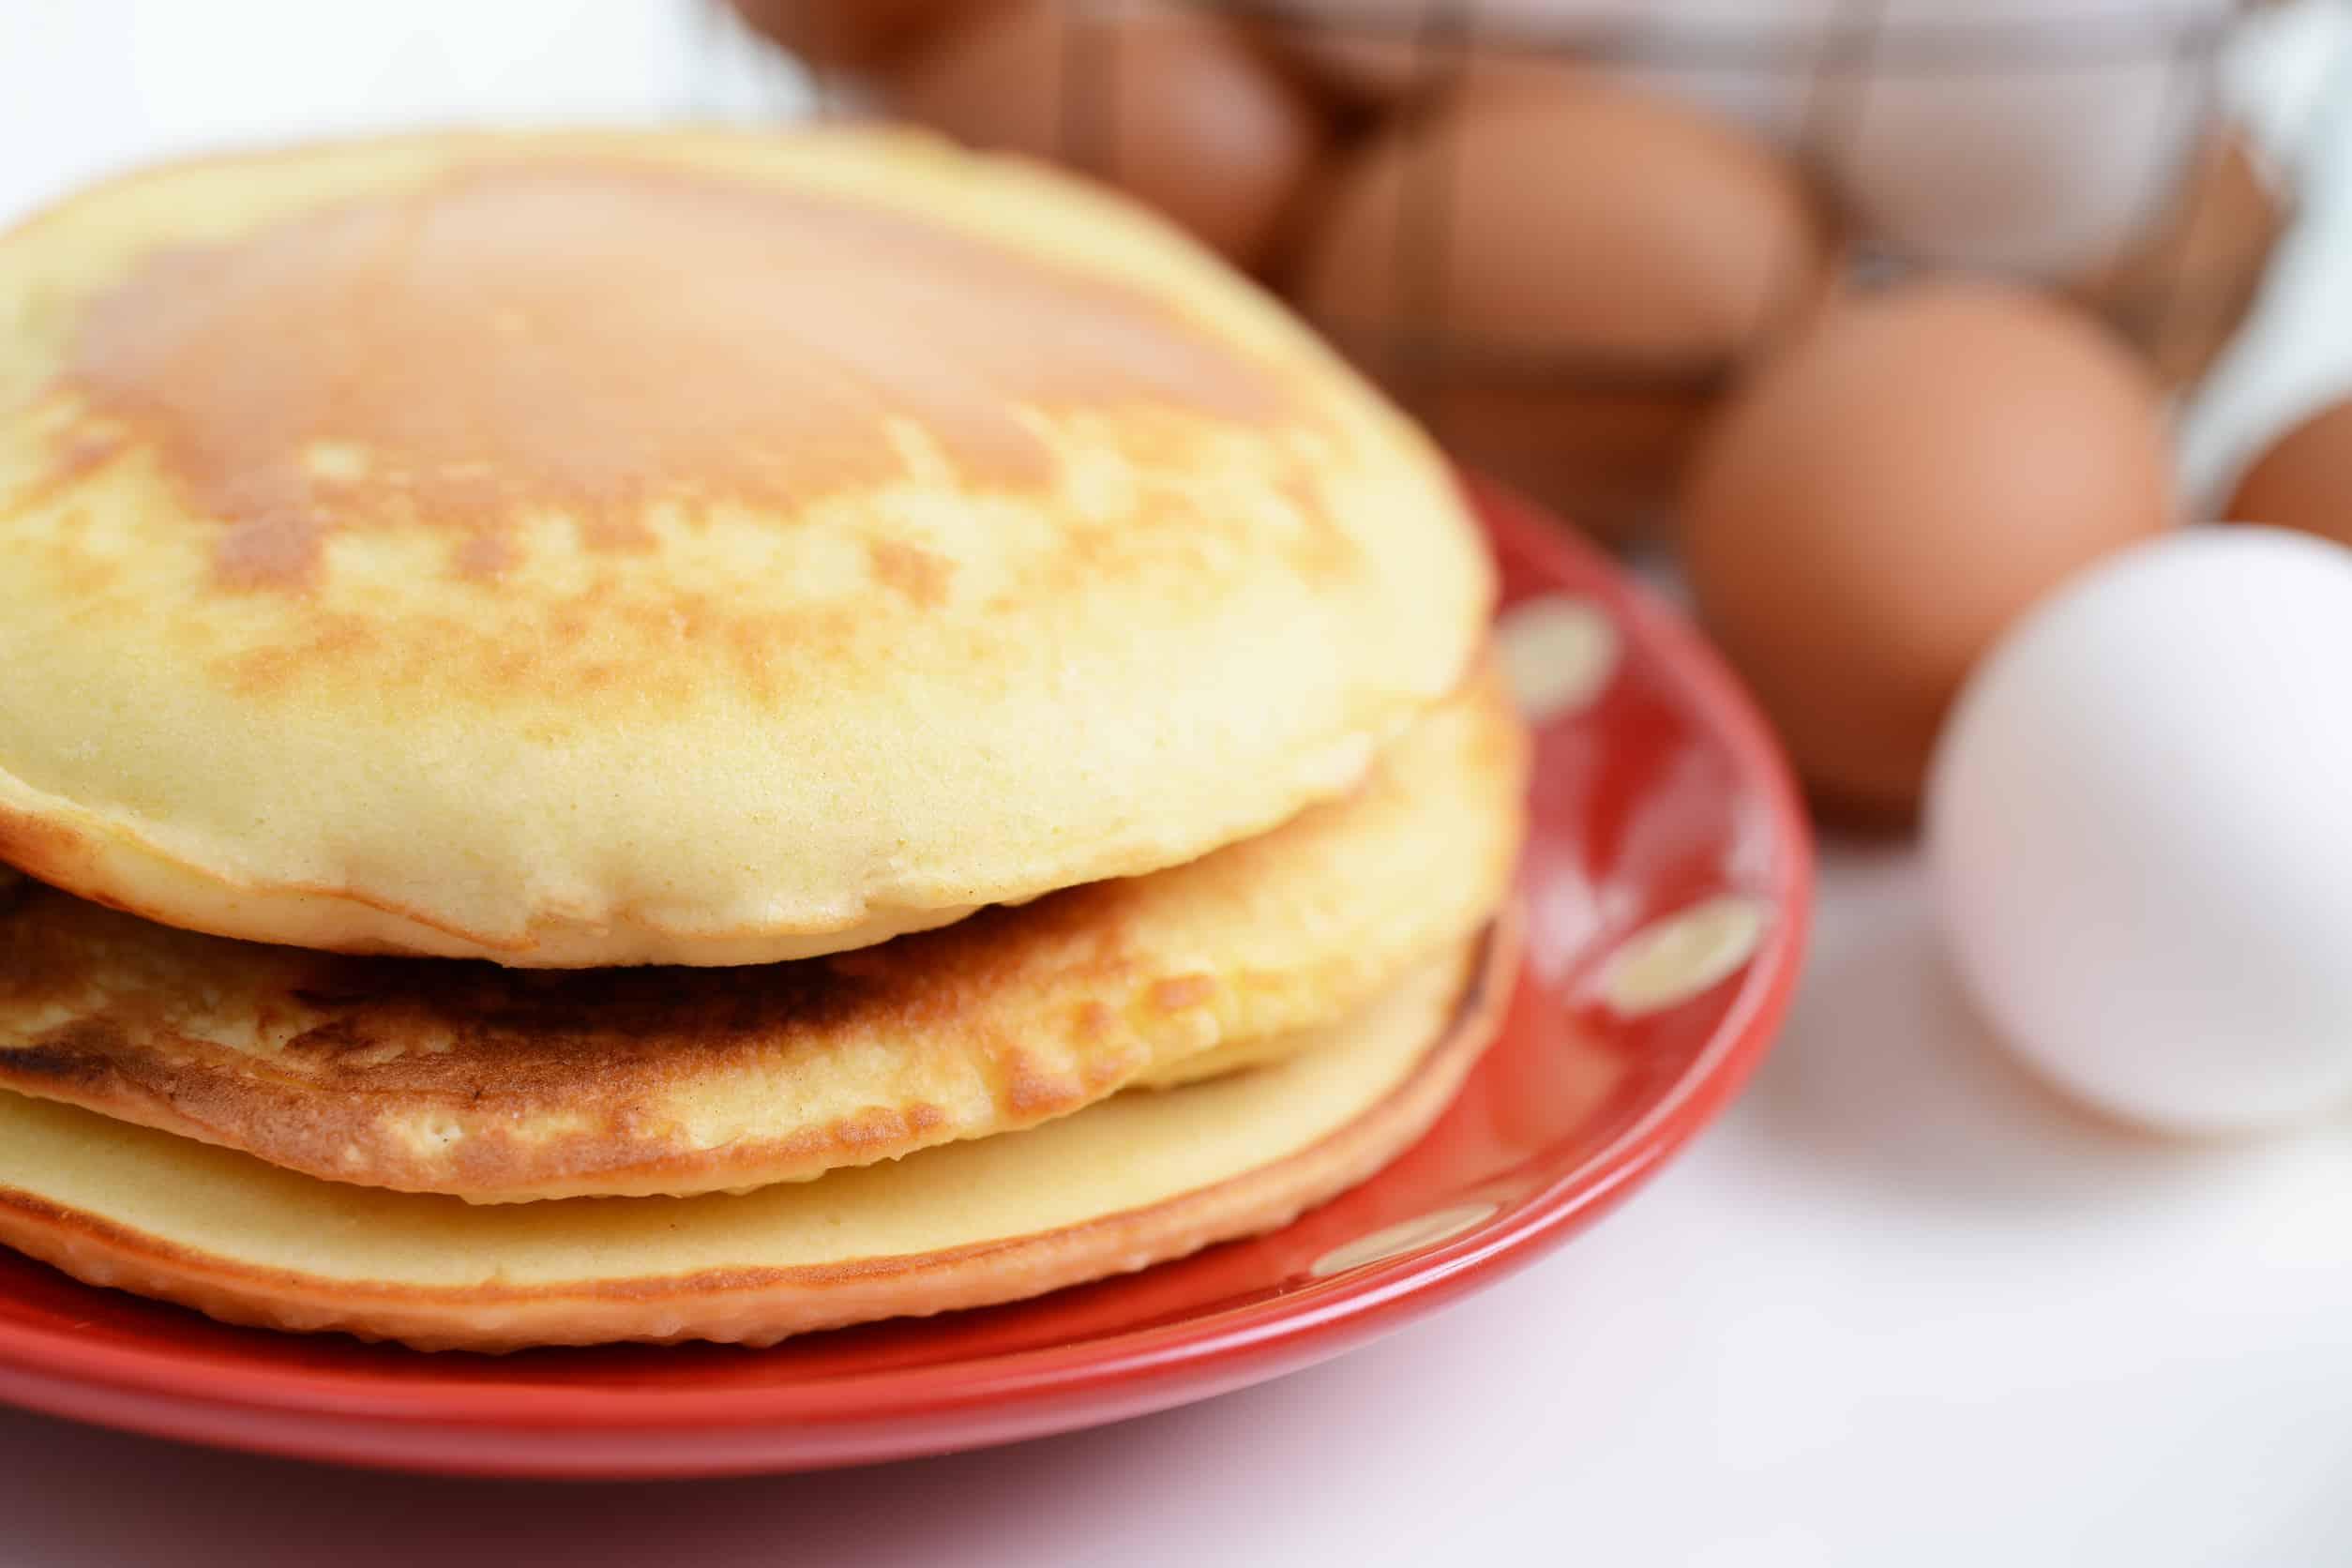 Proteinpancake: Test & Empfehlungen (10/20)